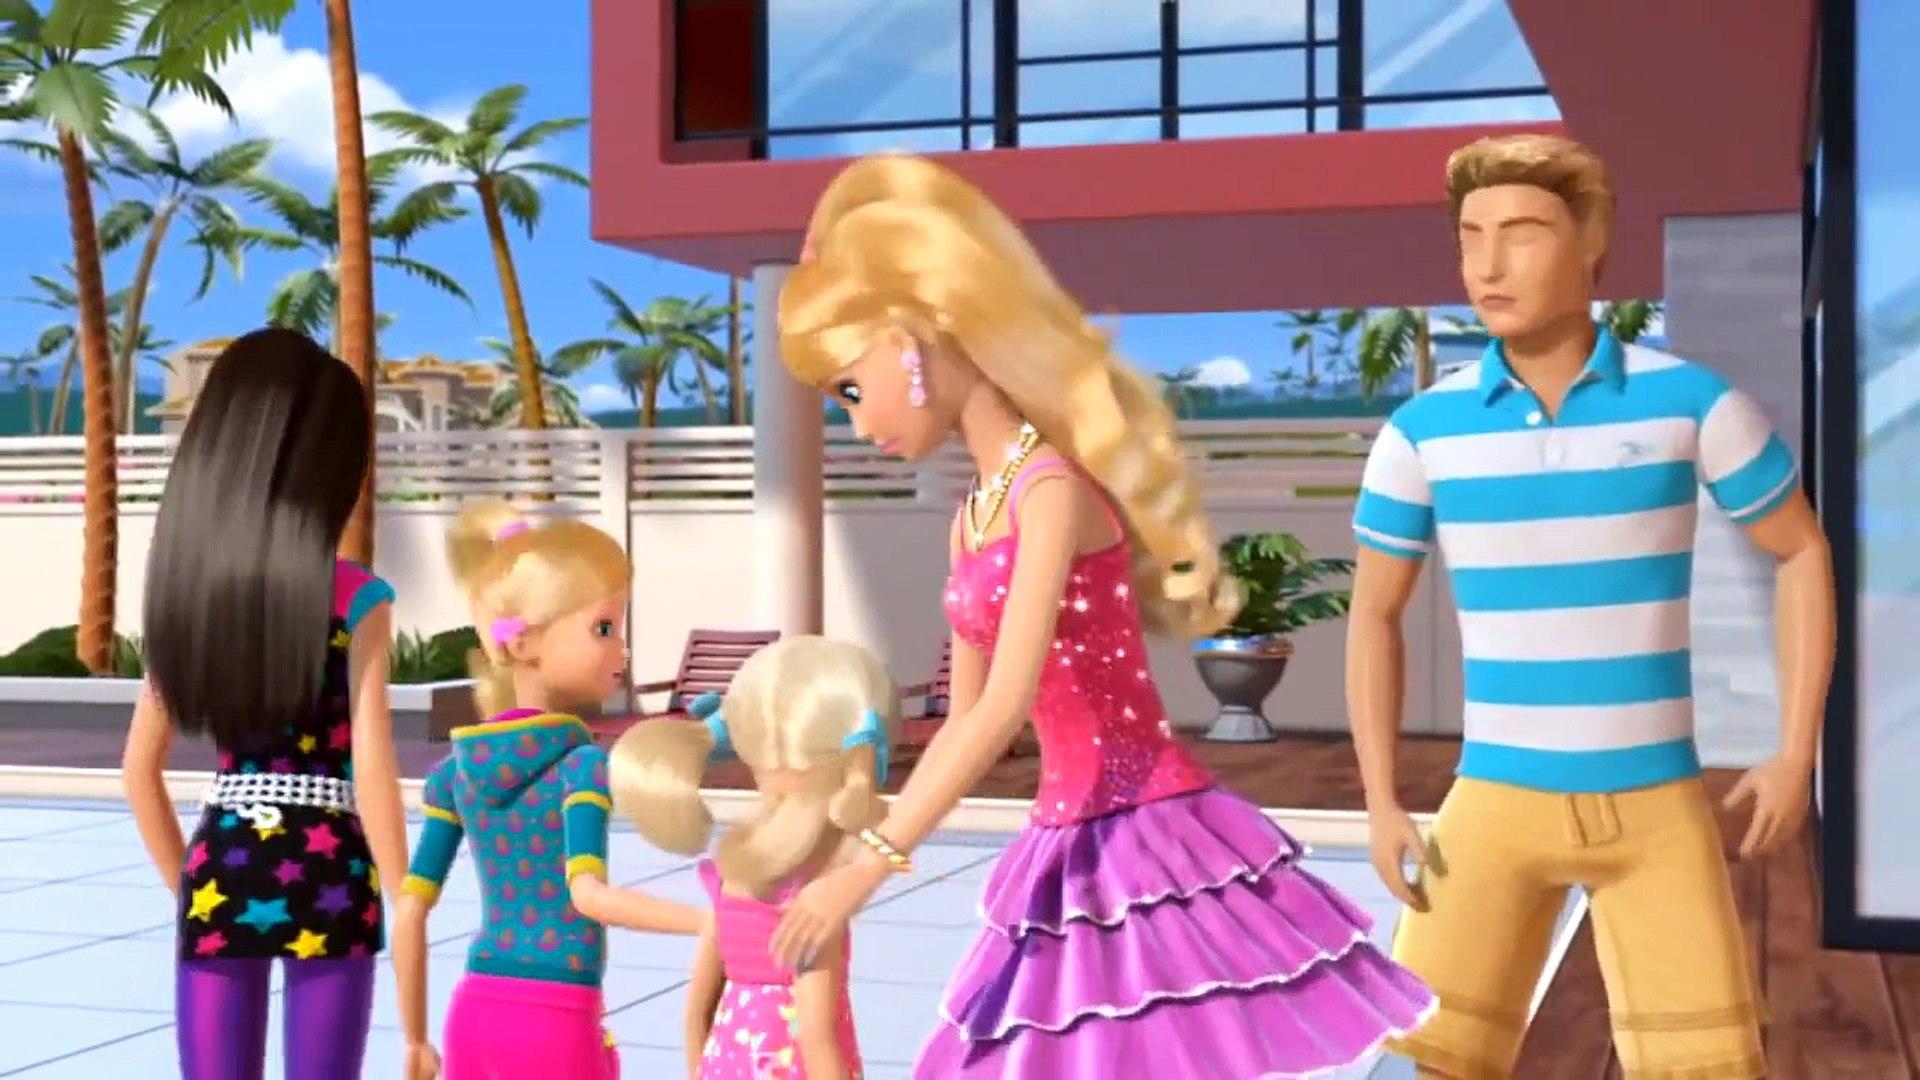 Barbie En Francais Film Entier Barbie En Francais Complet Barbie En Francais Nouveau Episode Video Dailymotion